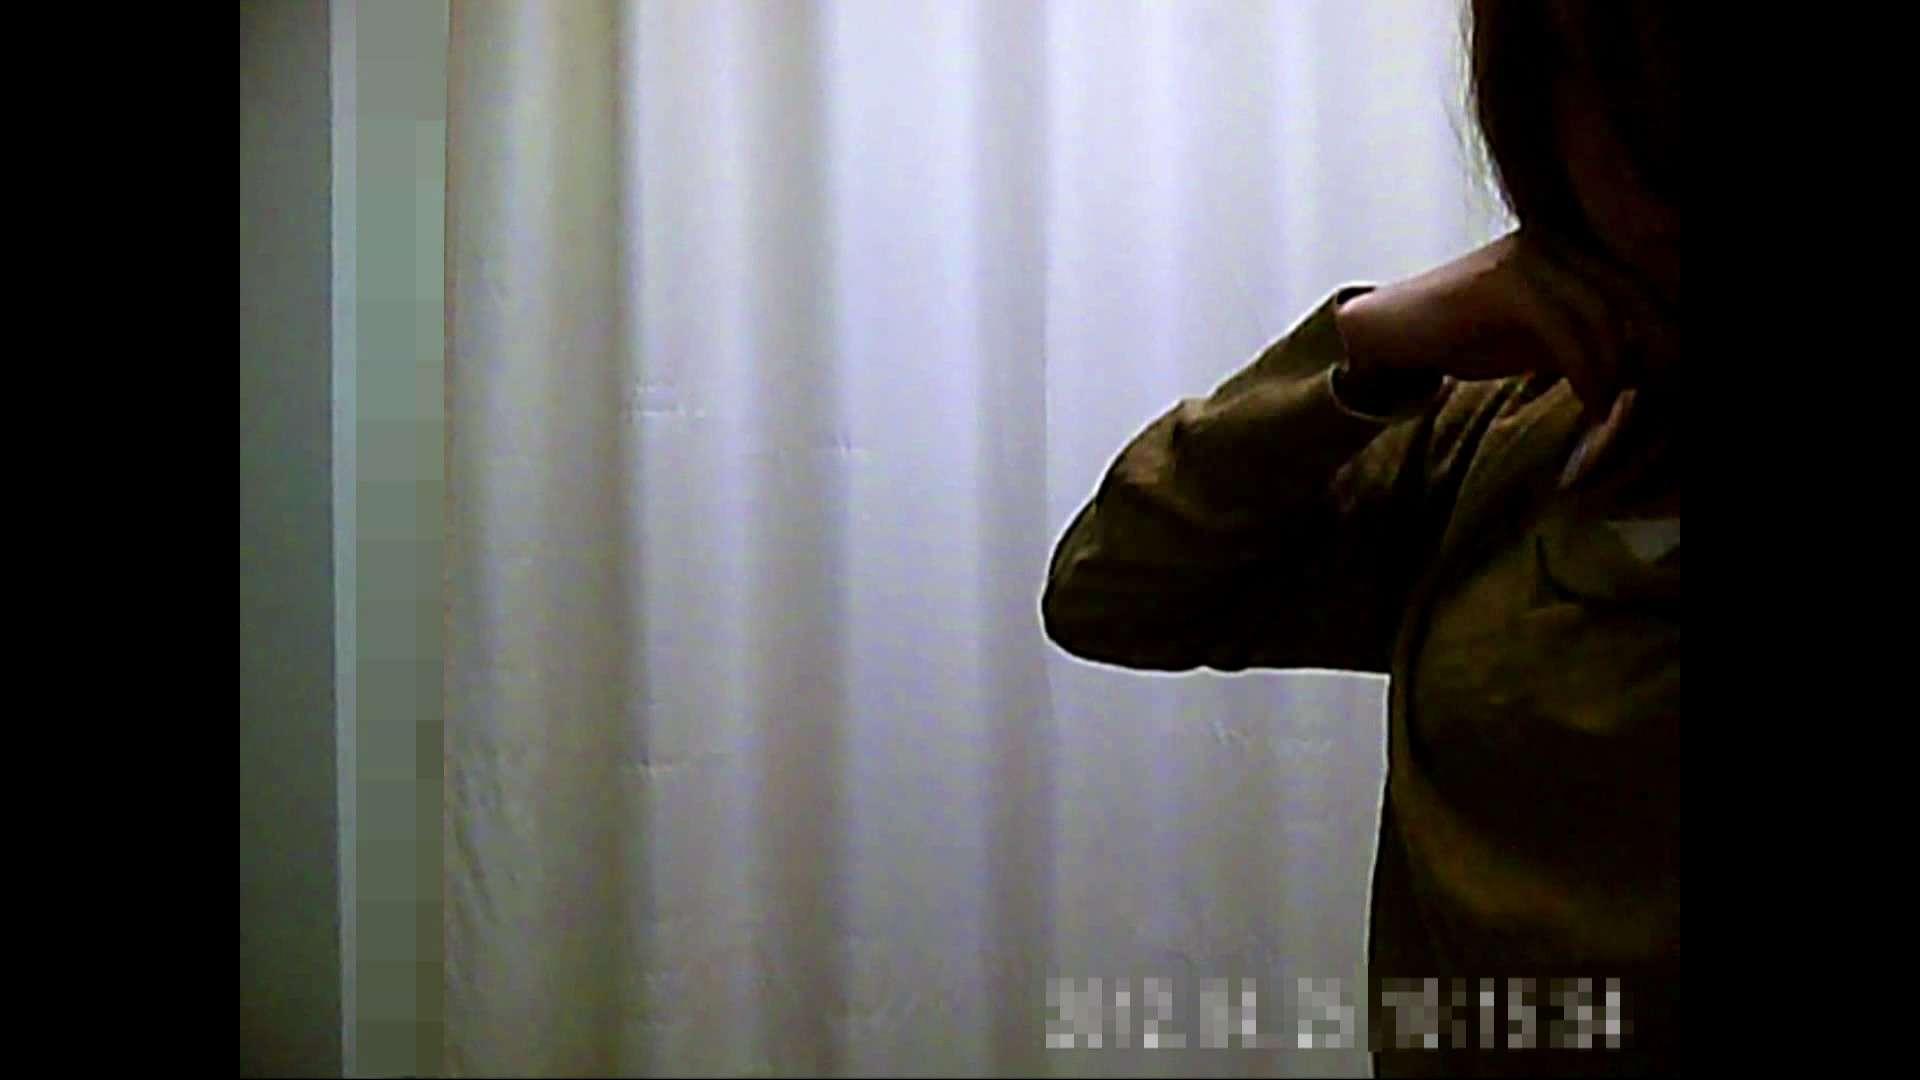 元医者による反抗 更衣室地獄絵巻 vol.009 OLの実態 | 0  46pic 19